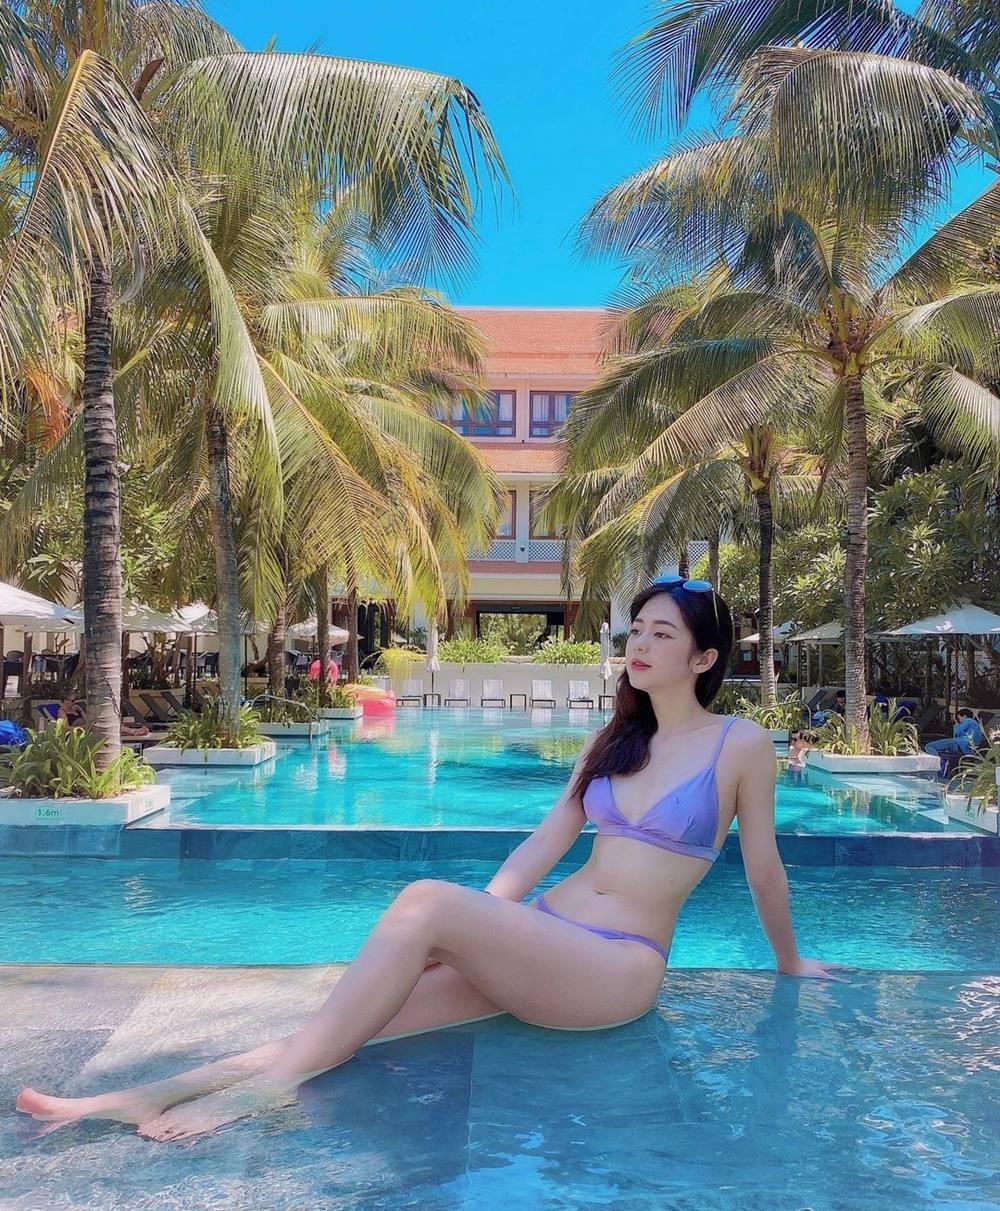 """Tình cũ của Trịnh Thăng Bình được khen tấm tắc """"không quá cao nhưng body quá nuột"""" - 6"""